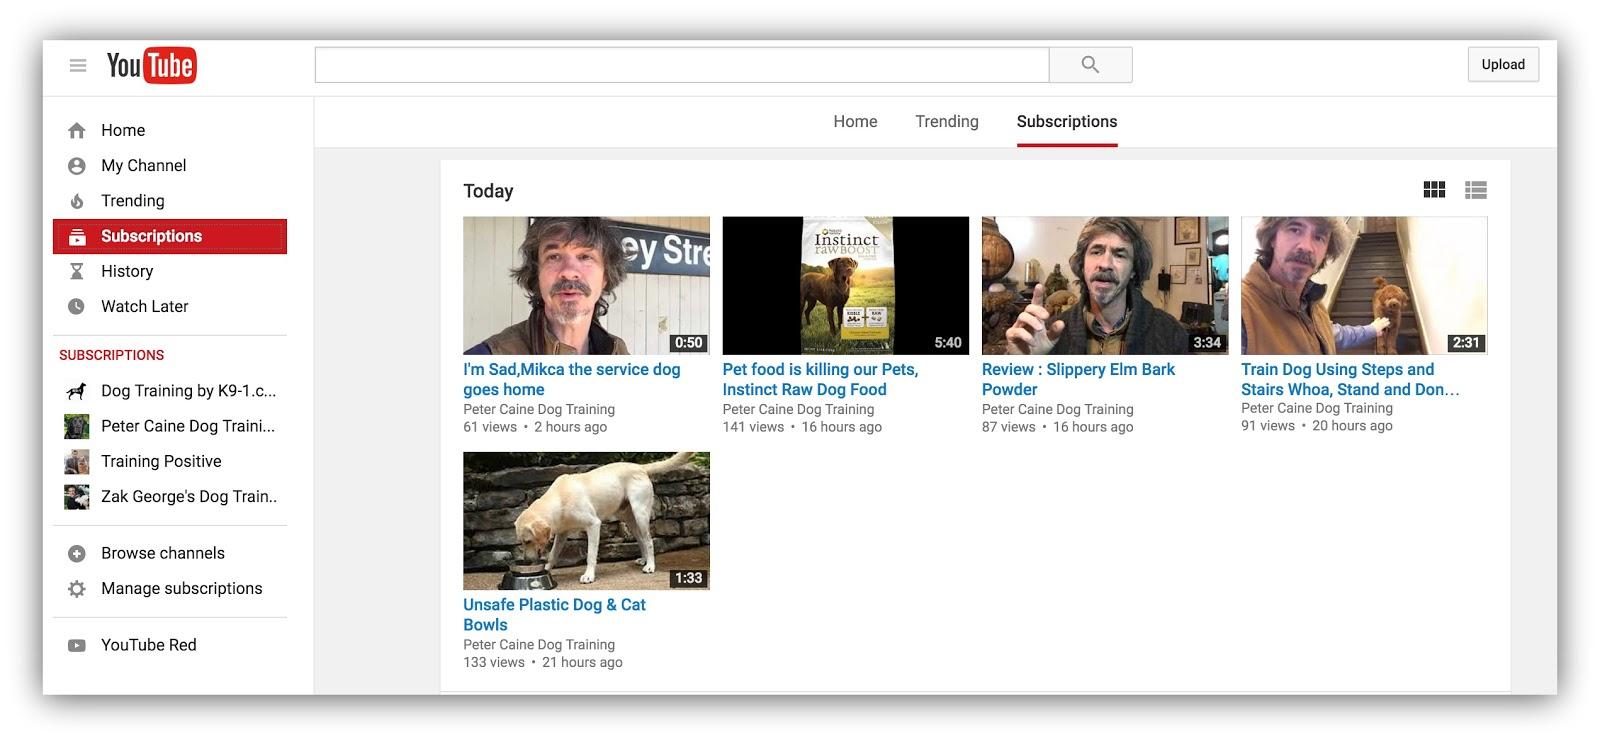 youtube peter caine dog training